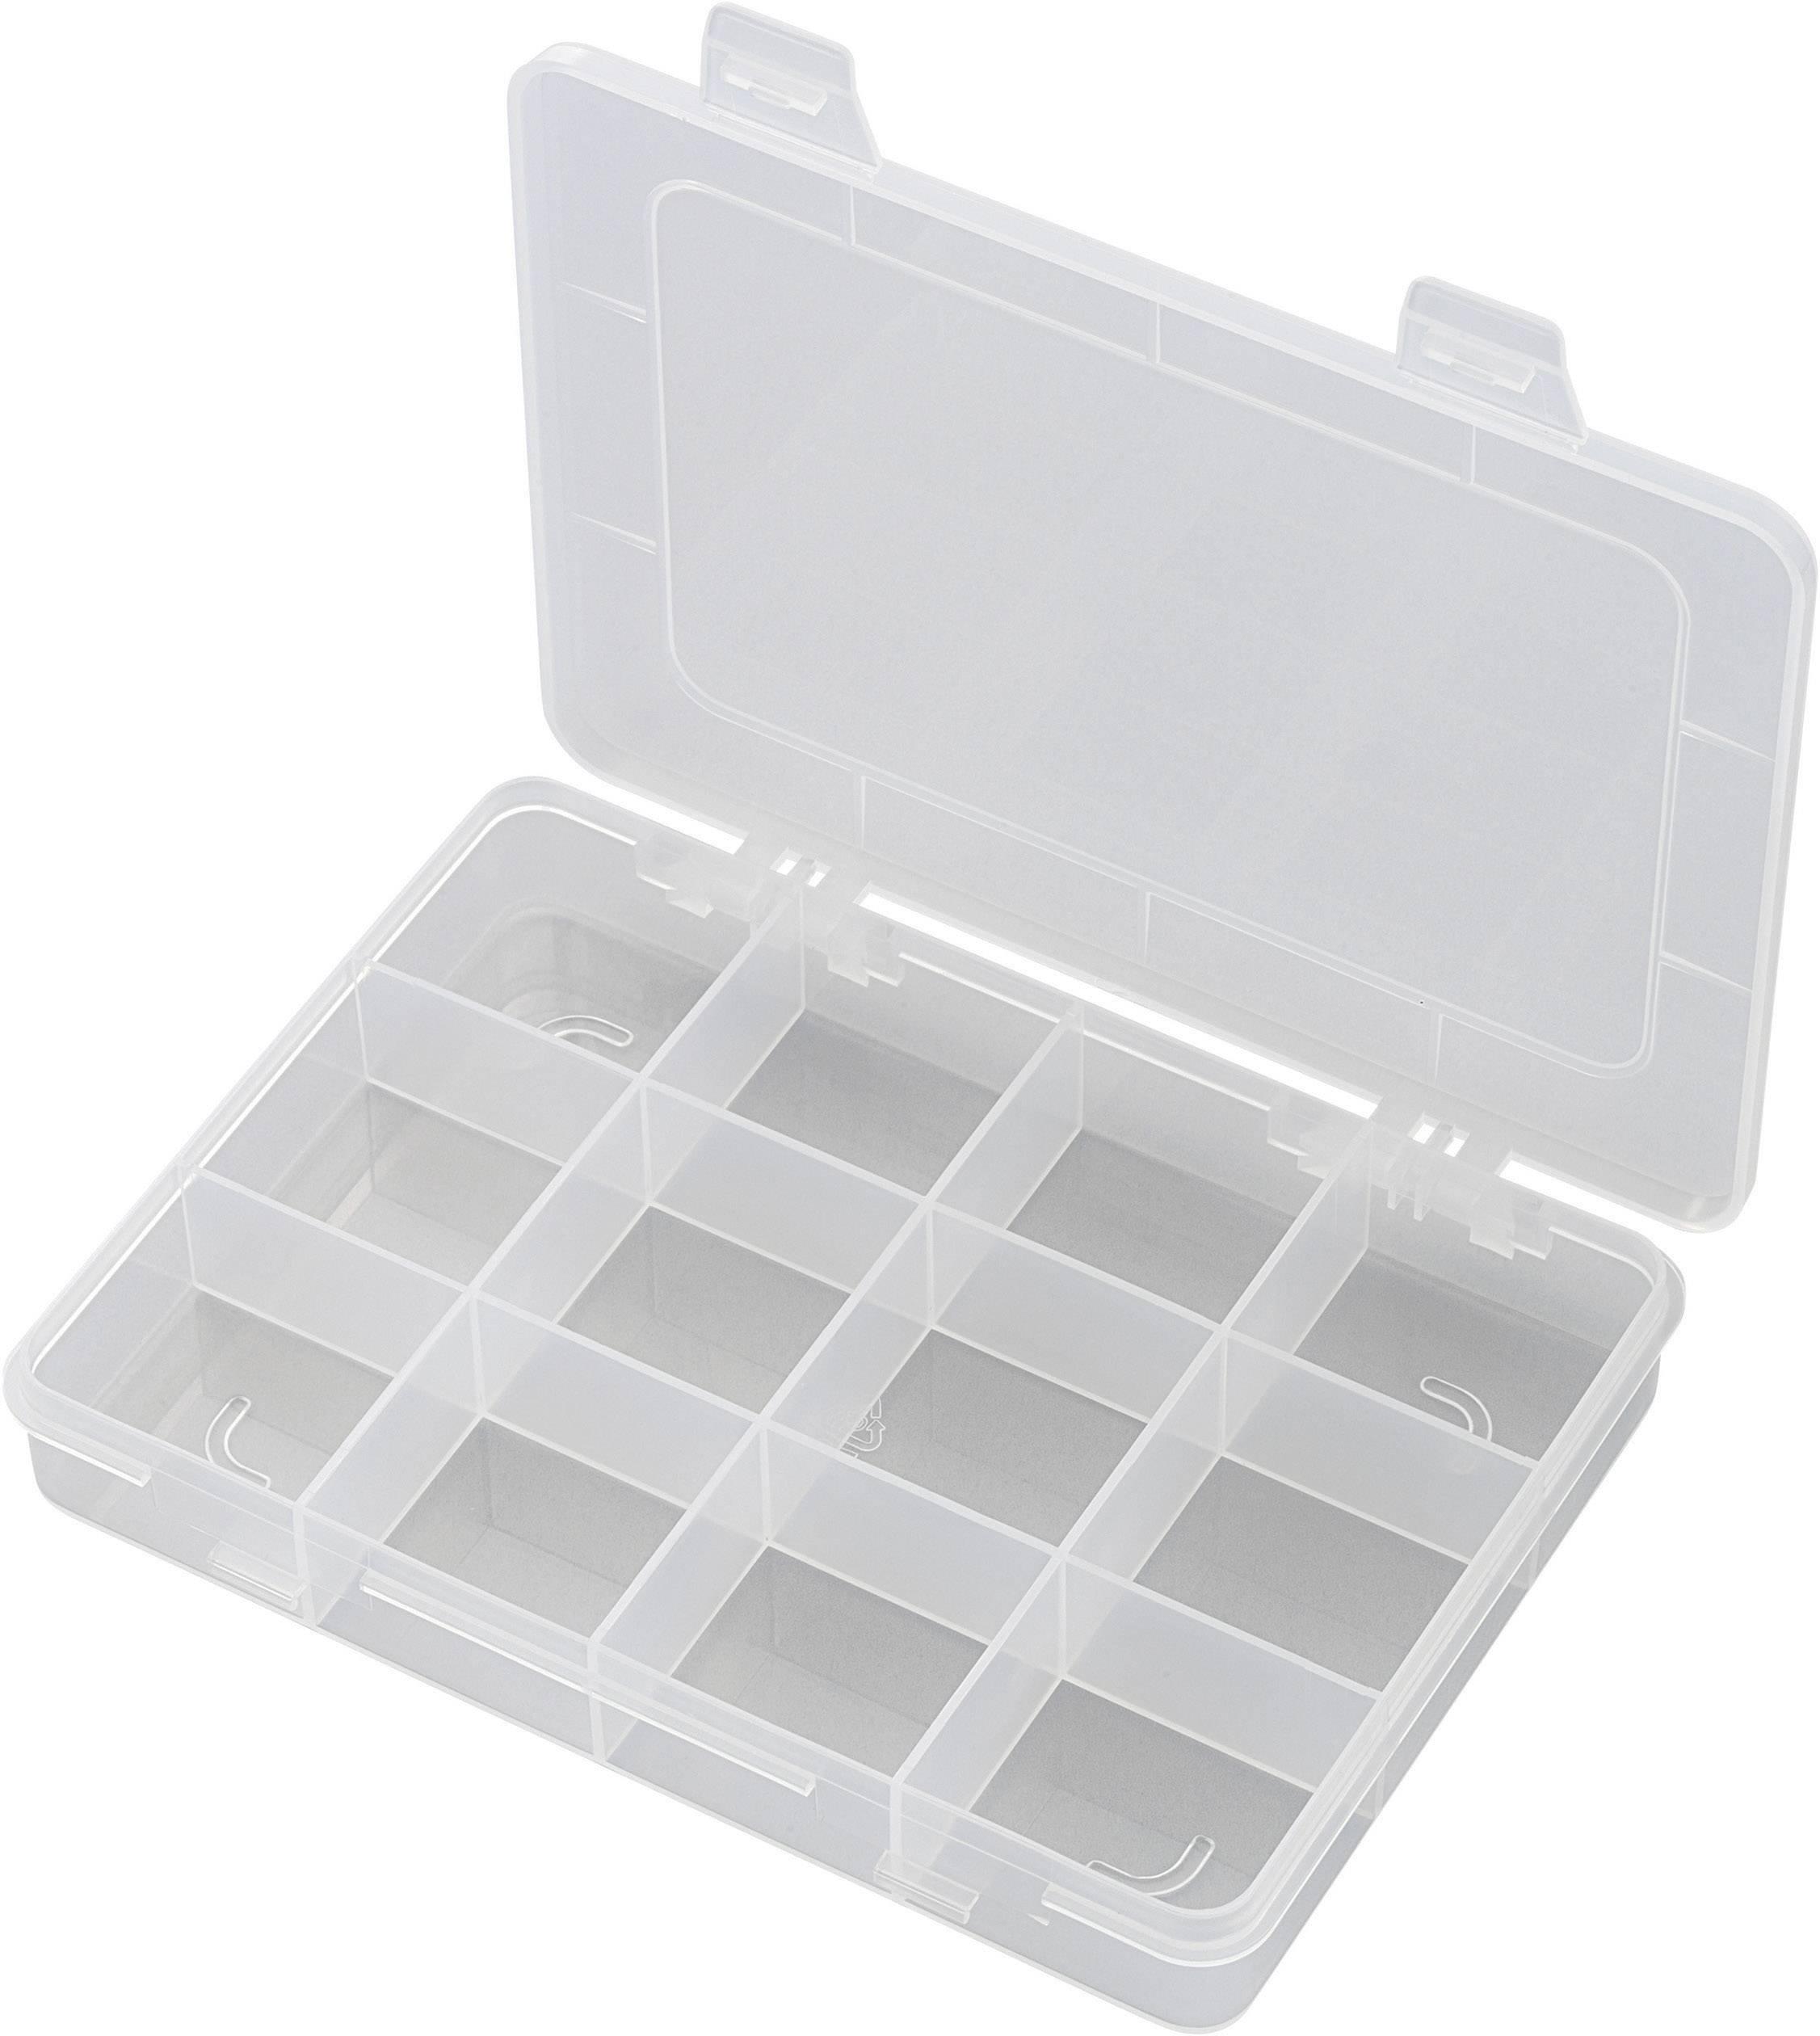 Krabička na drobné súčiastky 181934, priečinkov: 12, 184 x 124 x 25 , transparentná (difúzna)